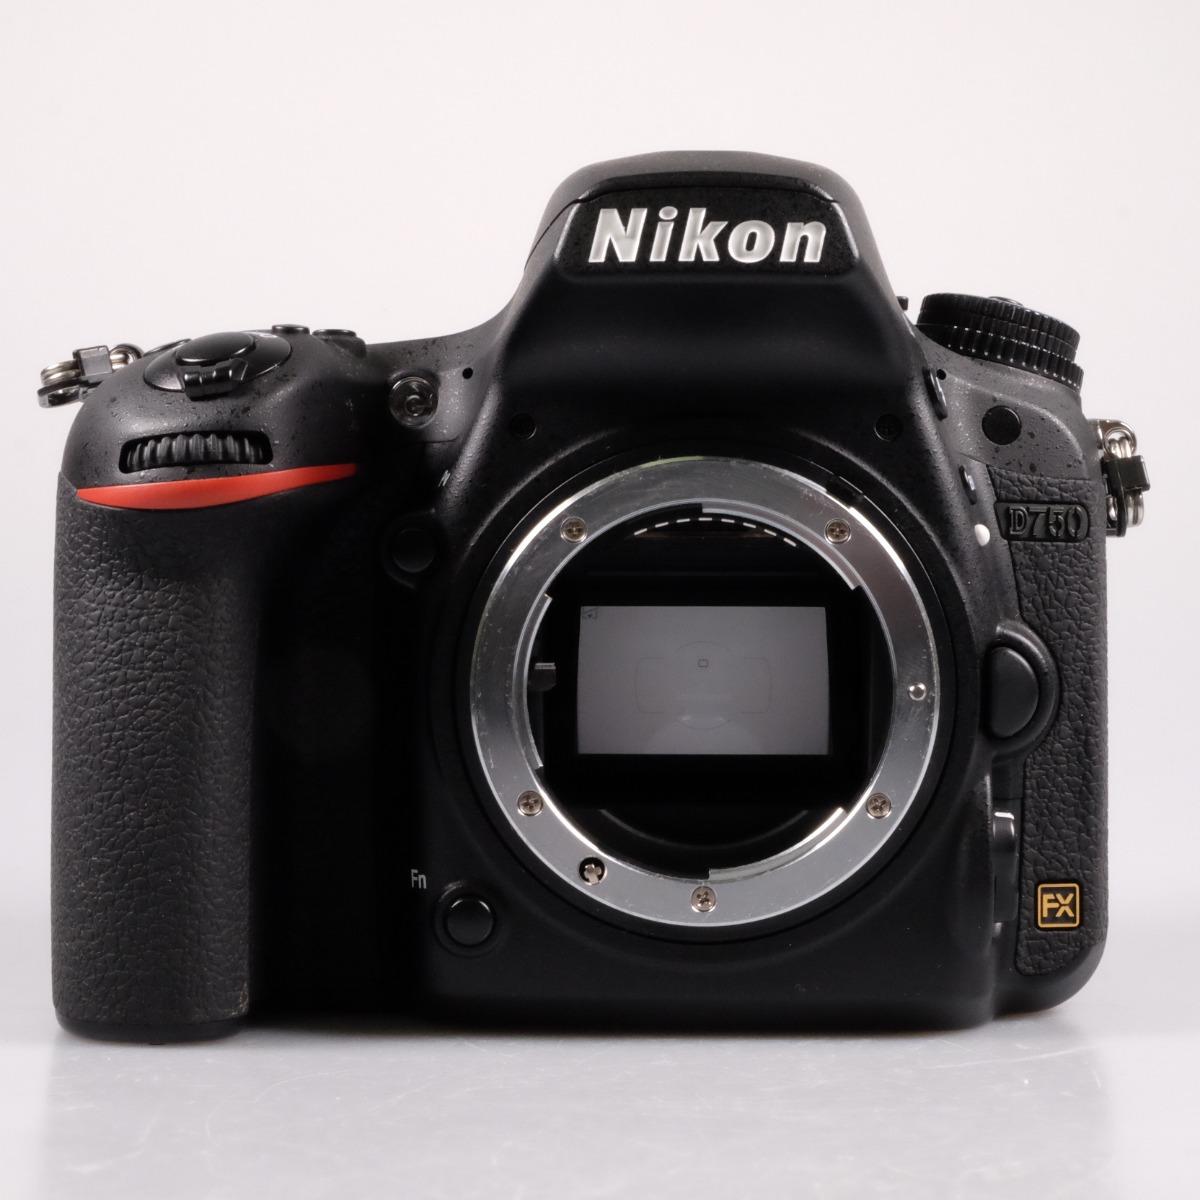 Used Nikon D750 DSLR Camera Body